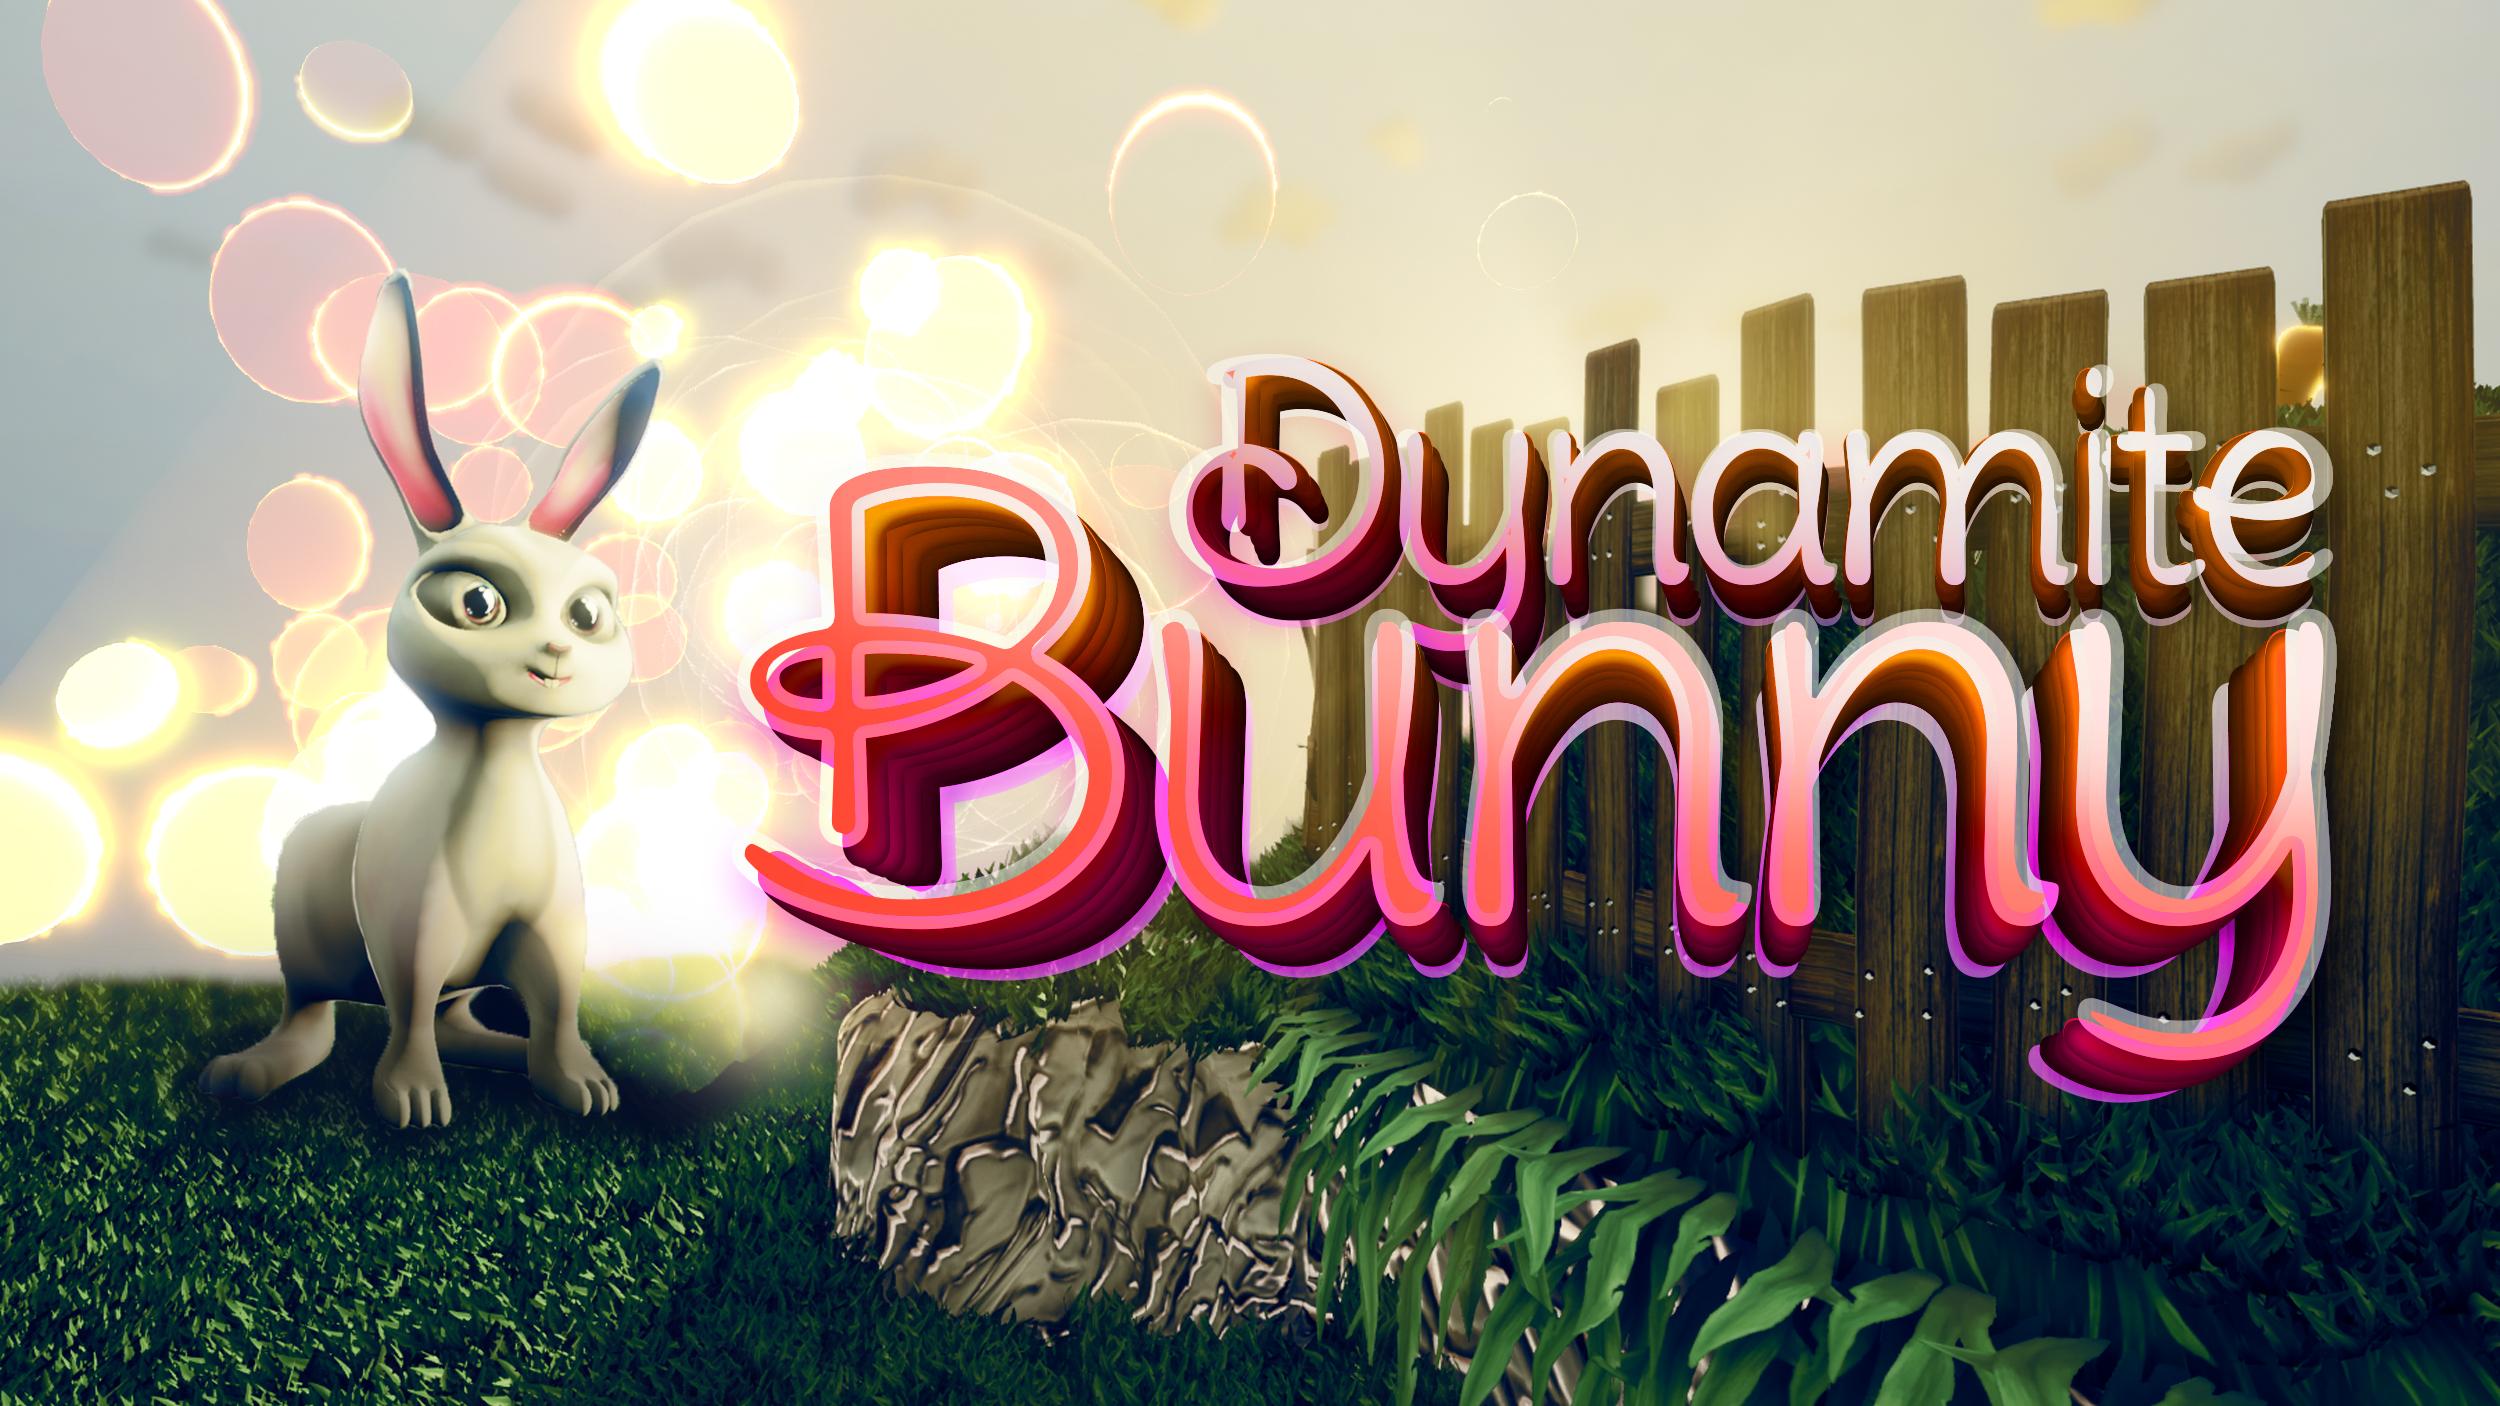 Dynamite Bunny